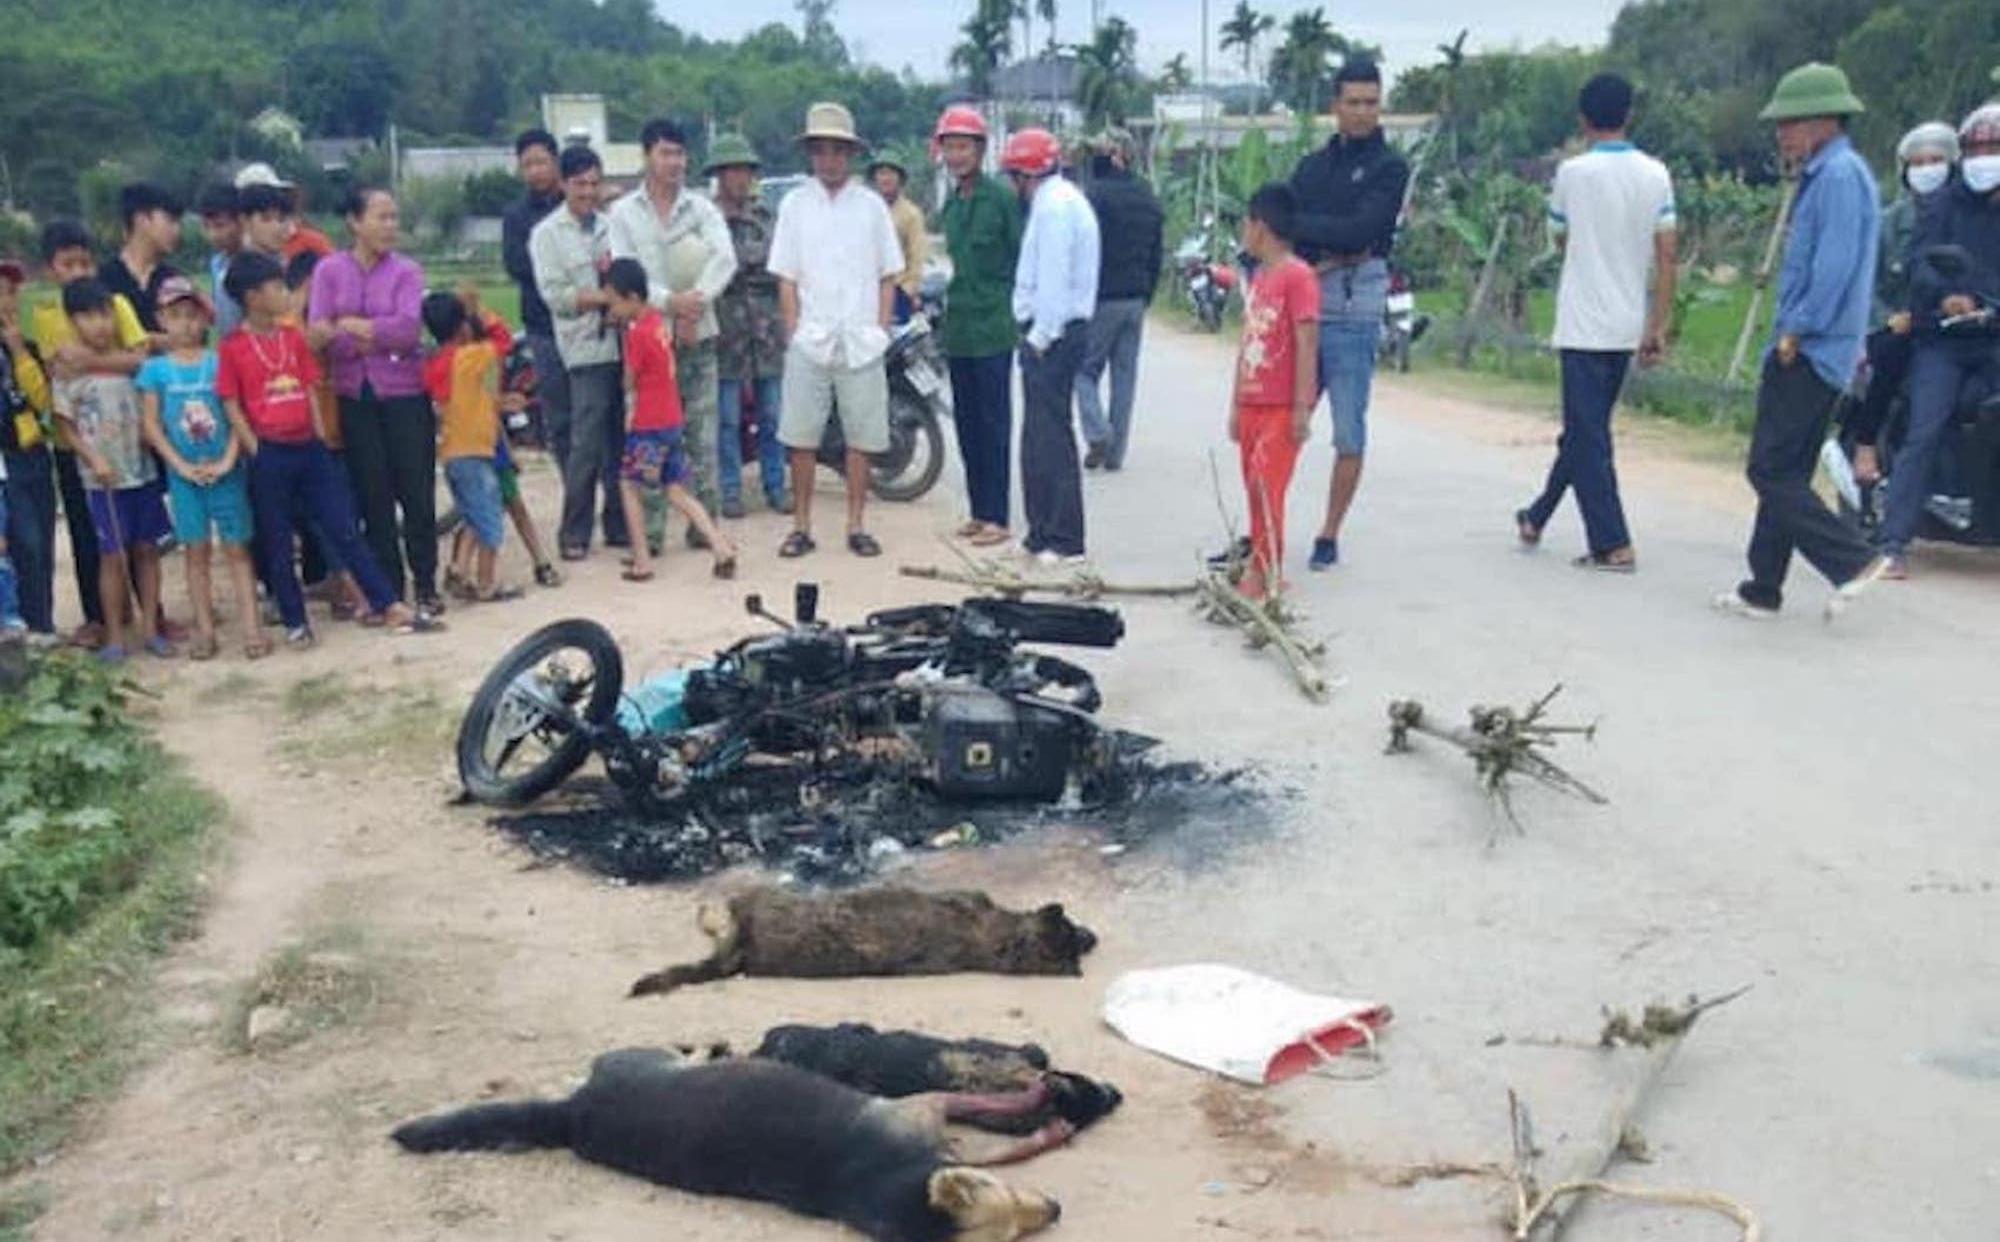 Vụ dân đốt xe, đánh trộm chó tử vong: Chưa bắt được đối tượng đánh người